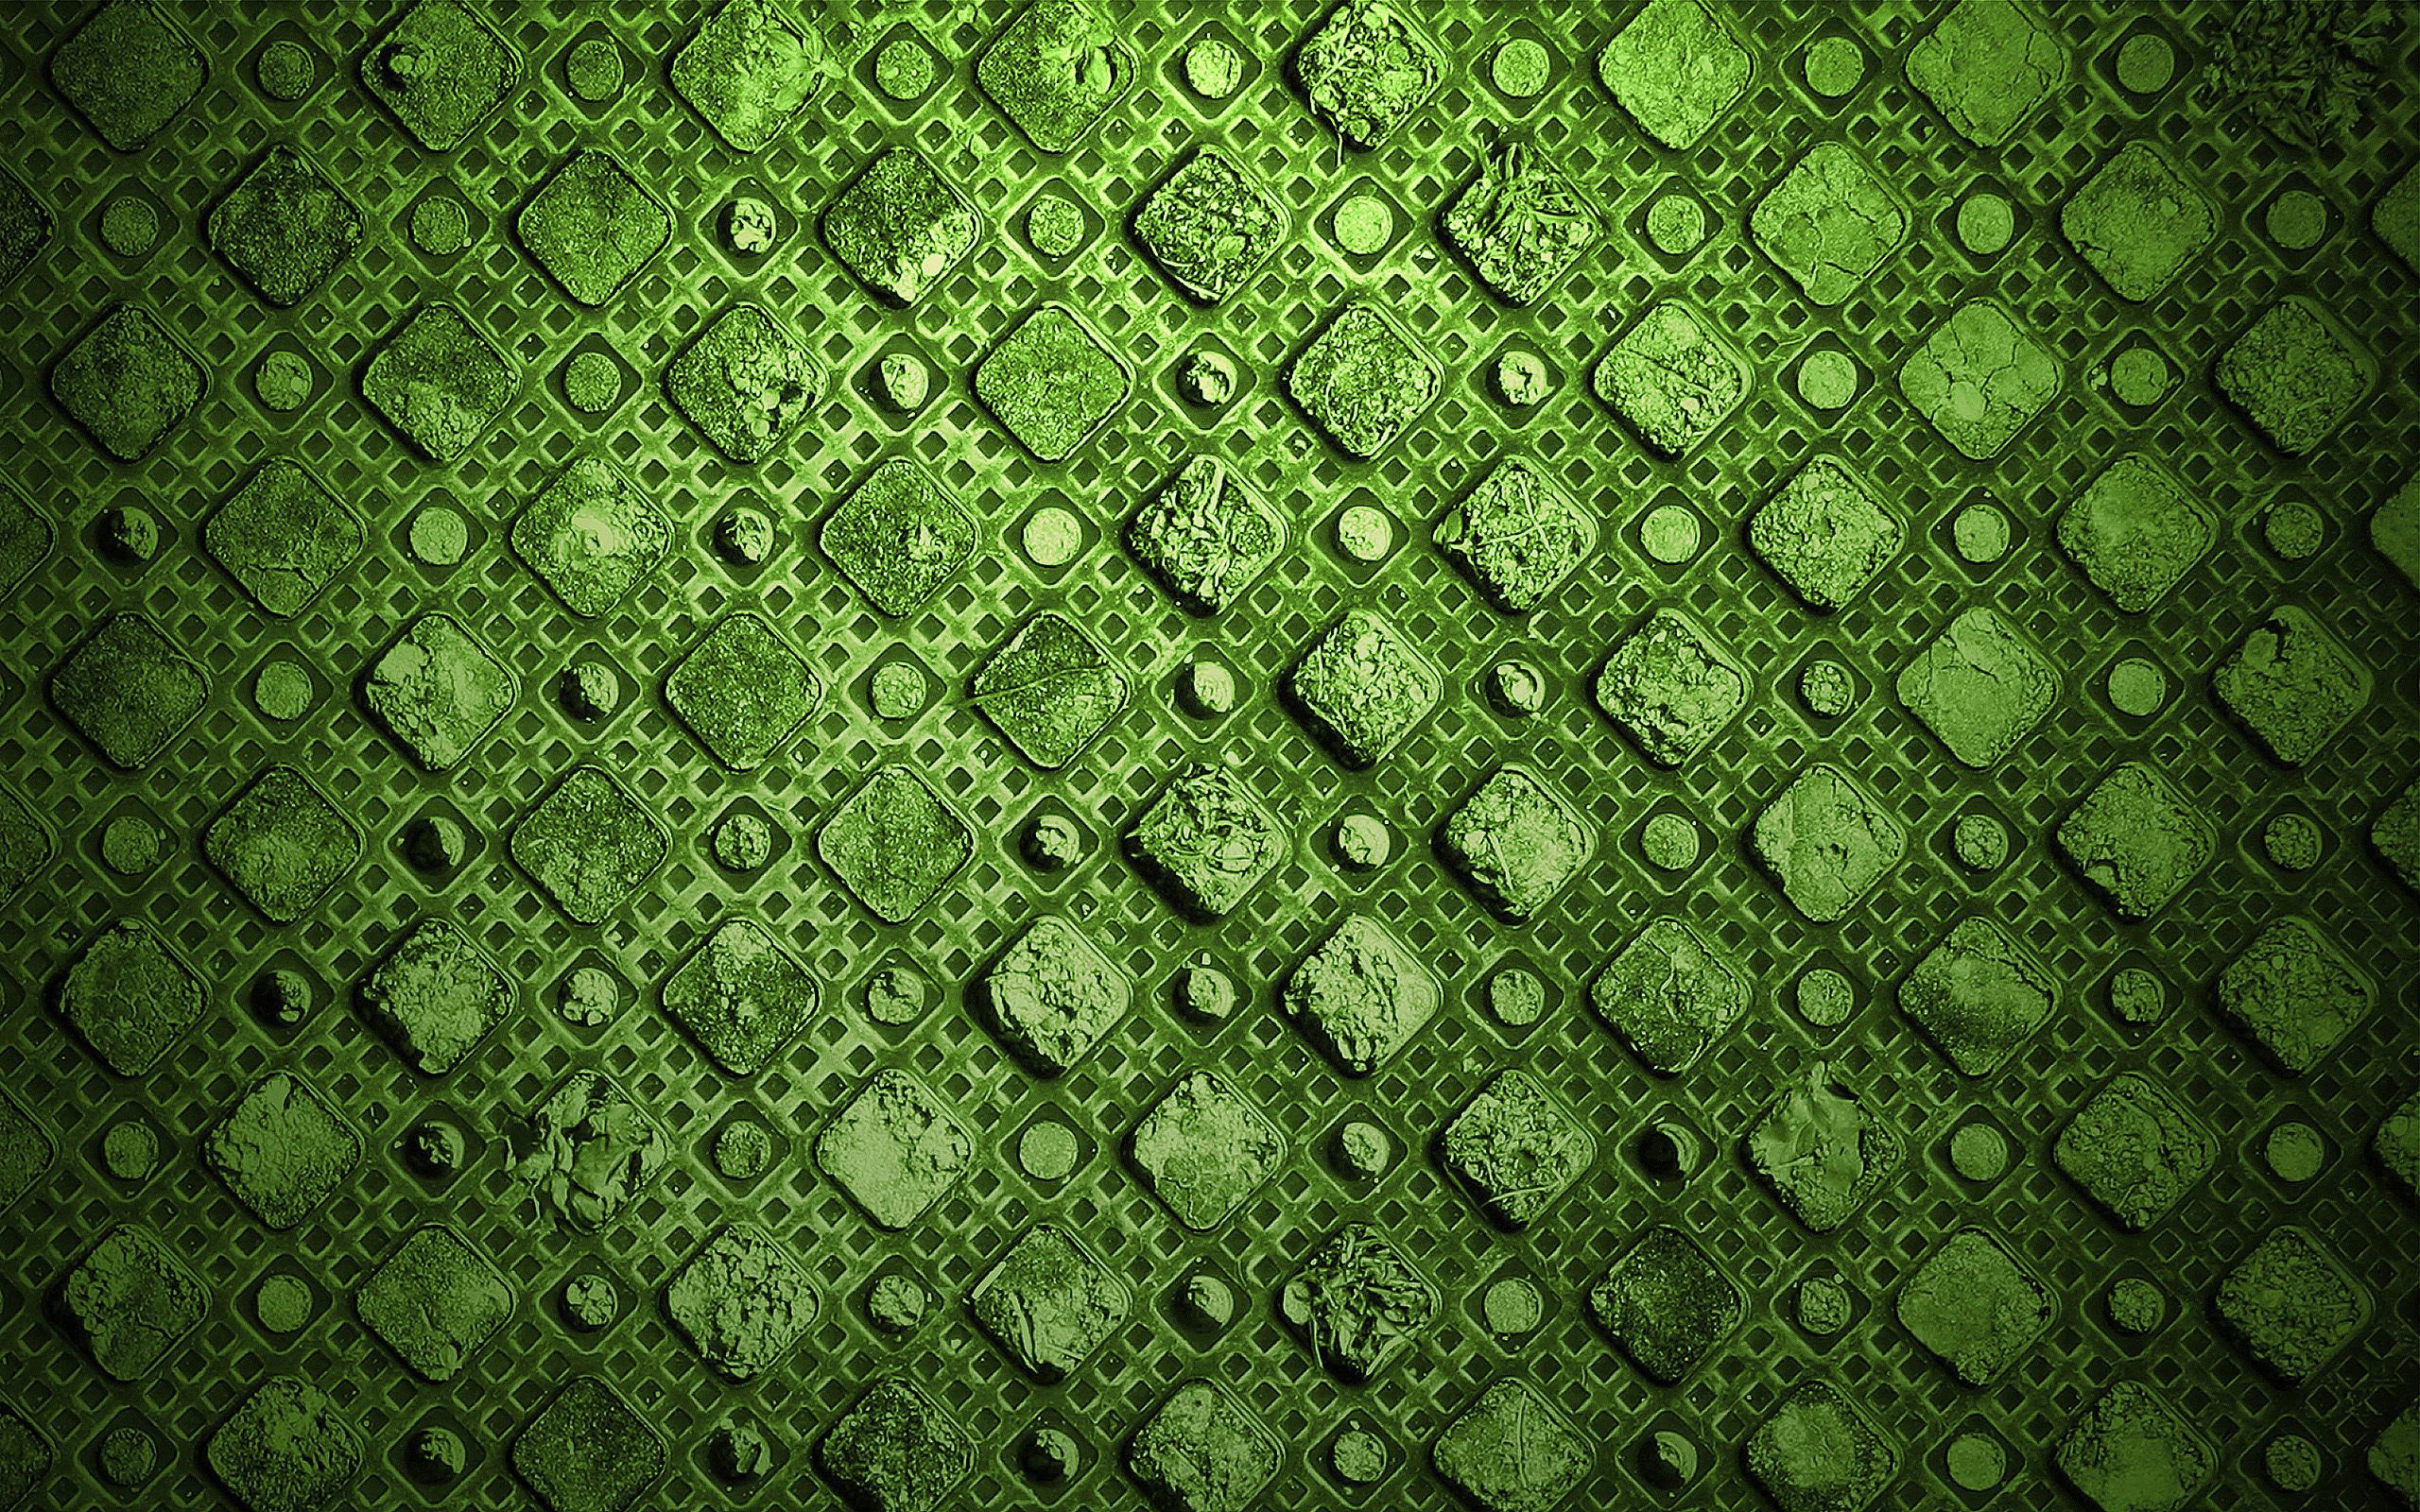 15106 скачать Зеленые обои на телефон бесплатно, Фон Зеленые картинки и заставки на мобильный